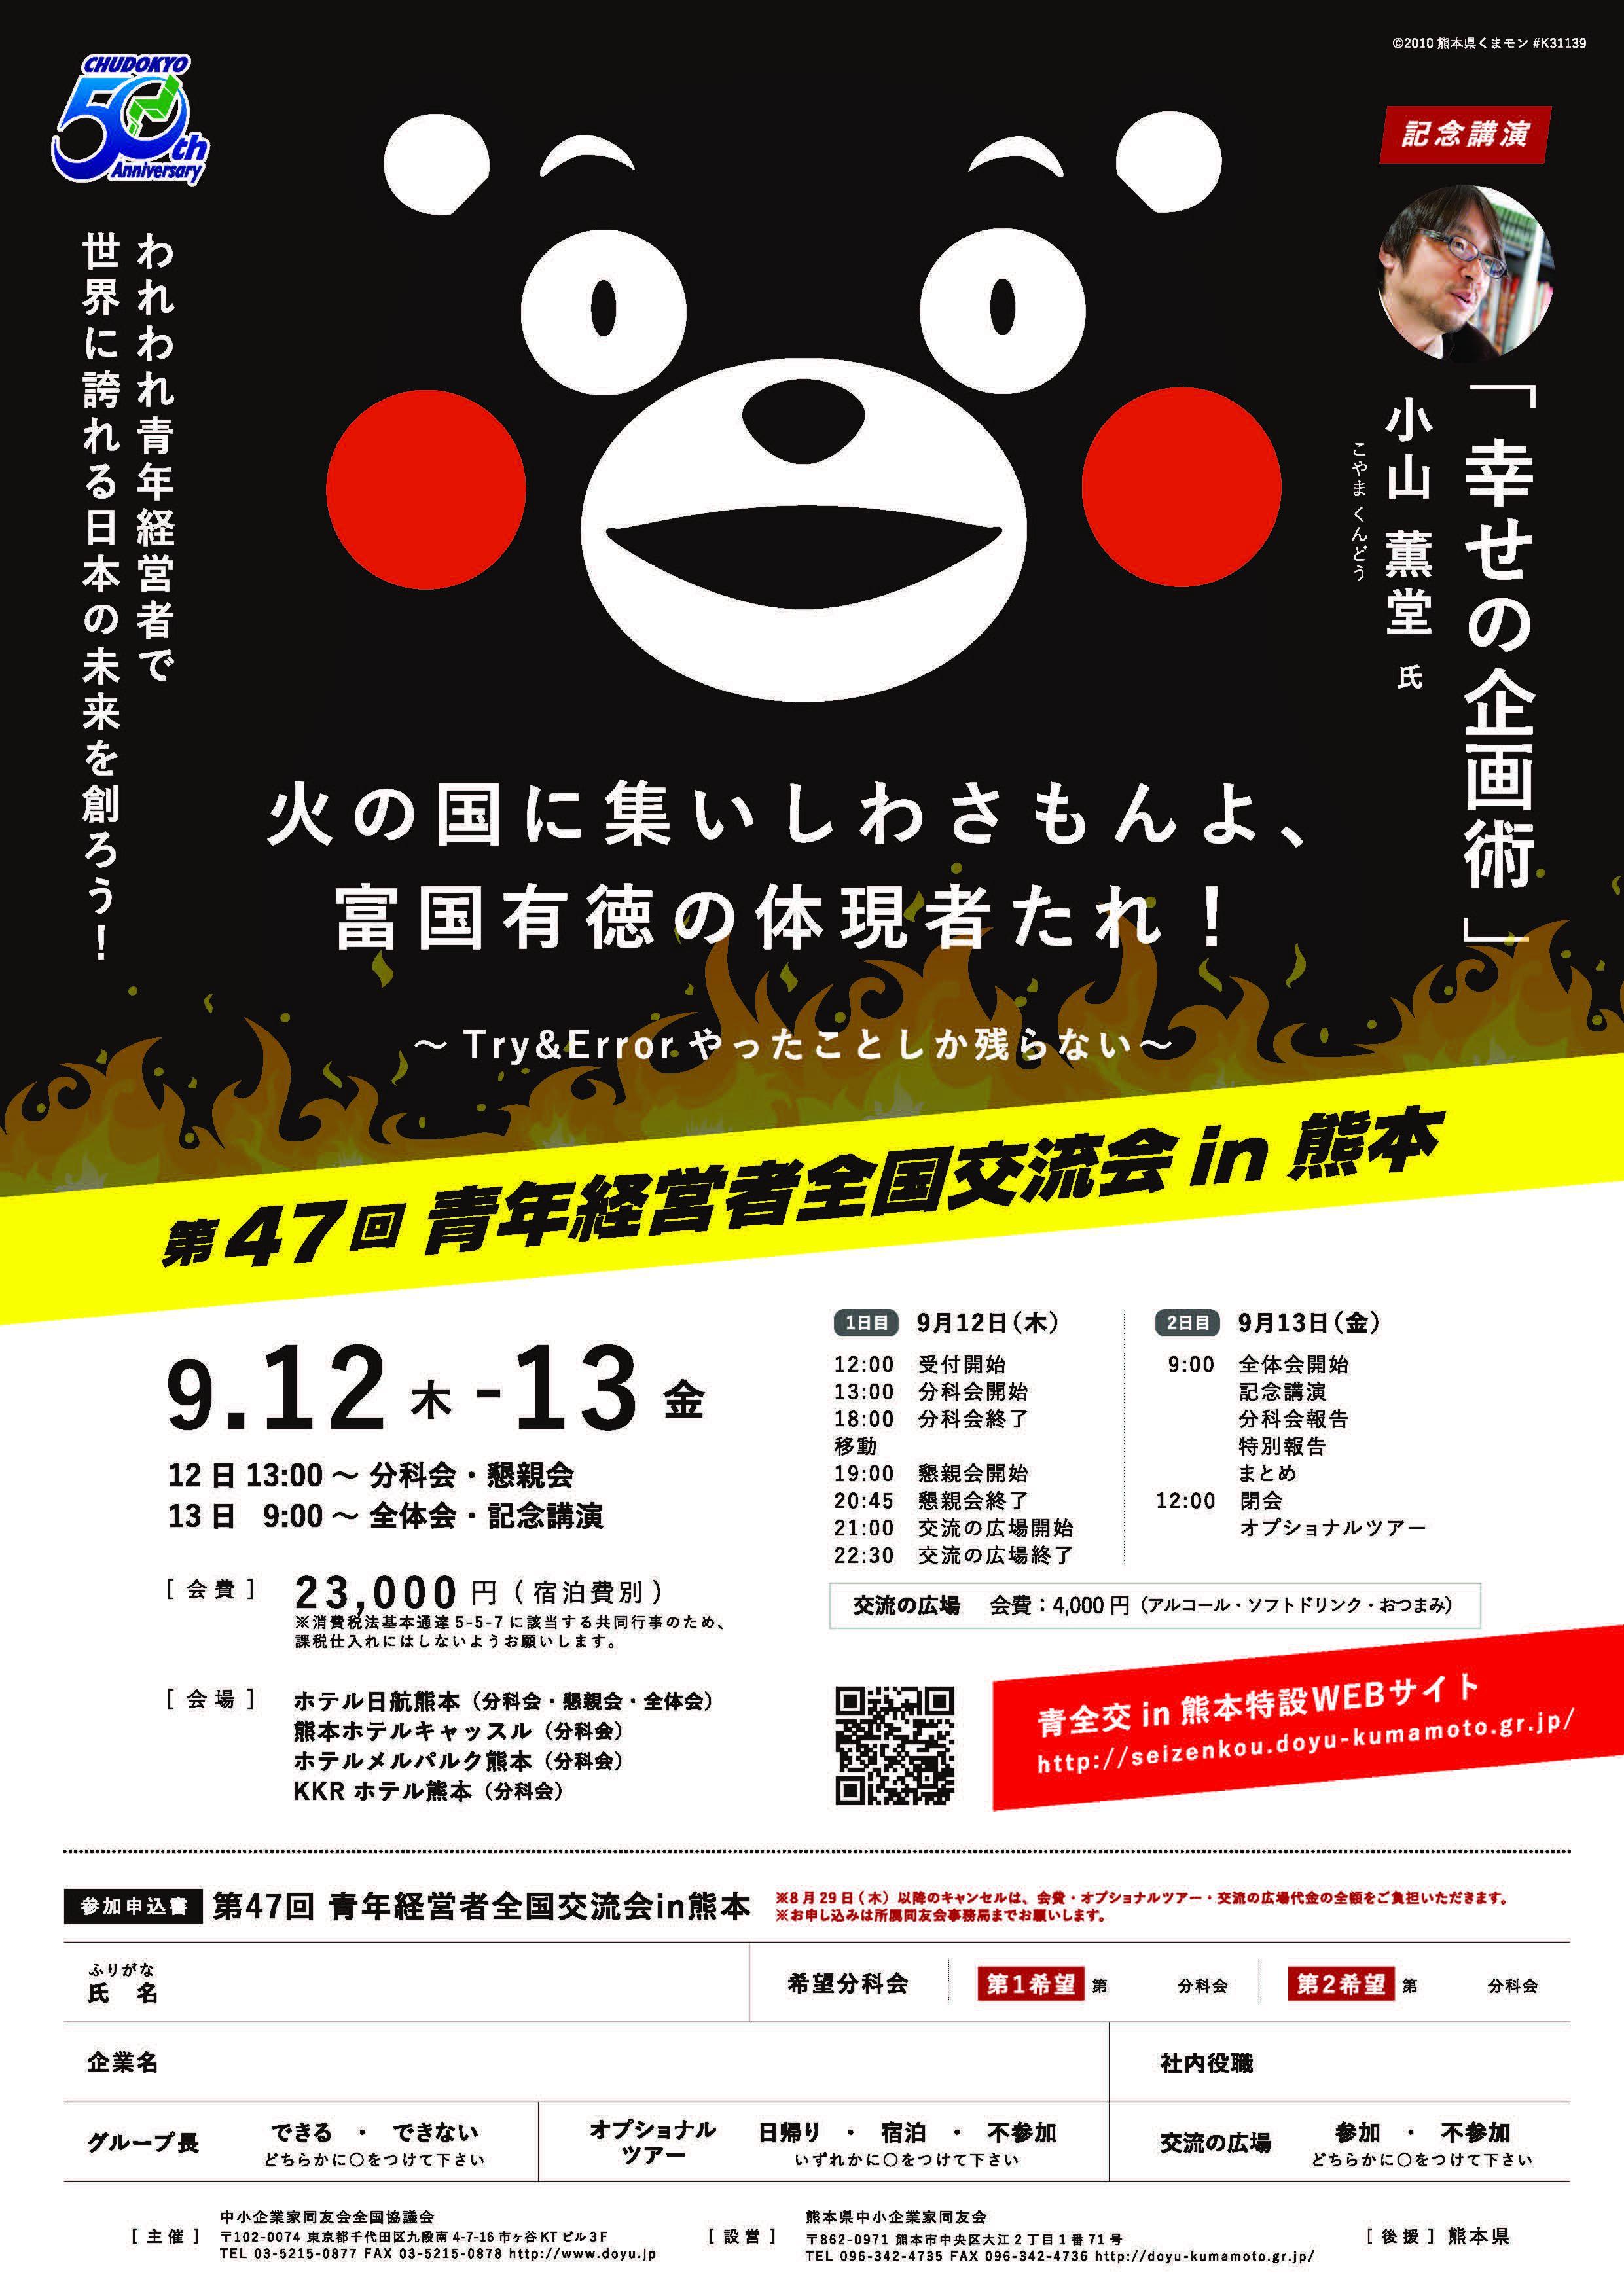 「第47回青年経営者全国交流会in熊本」のご案内 ※開催終了しました